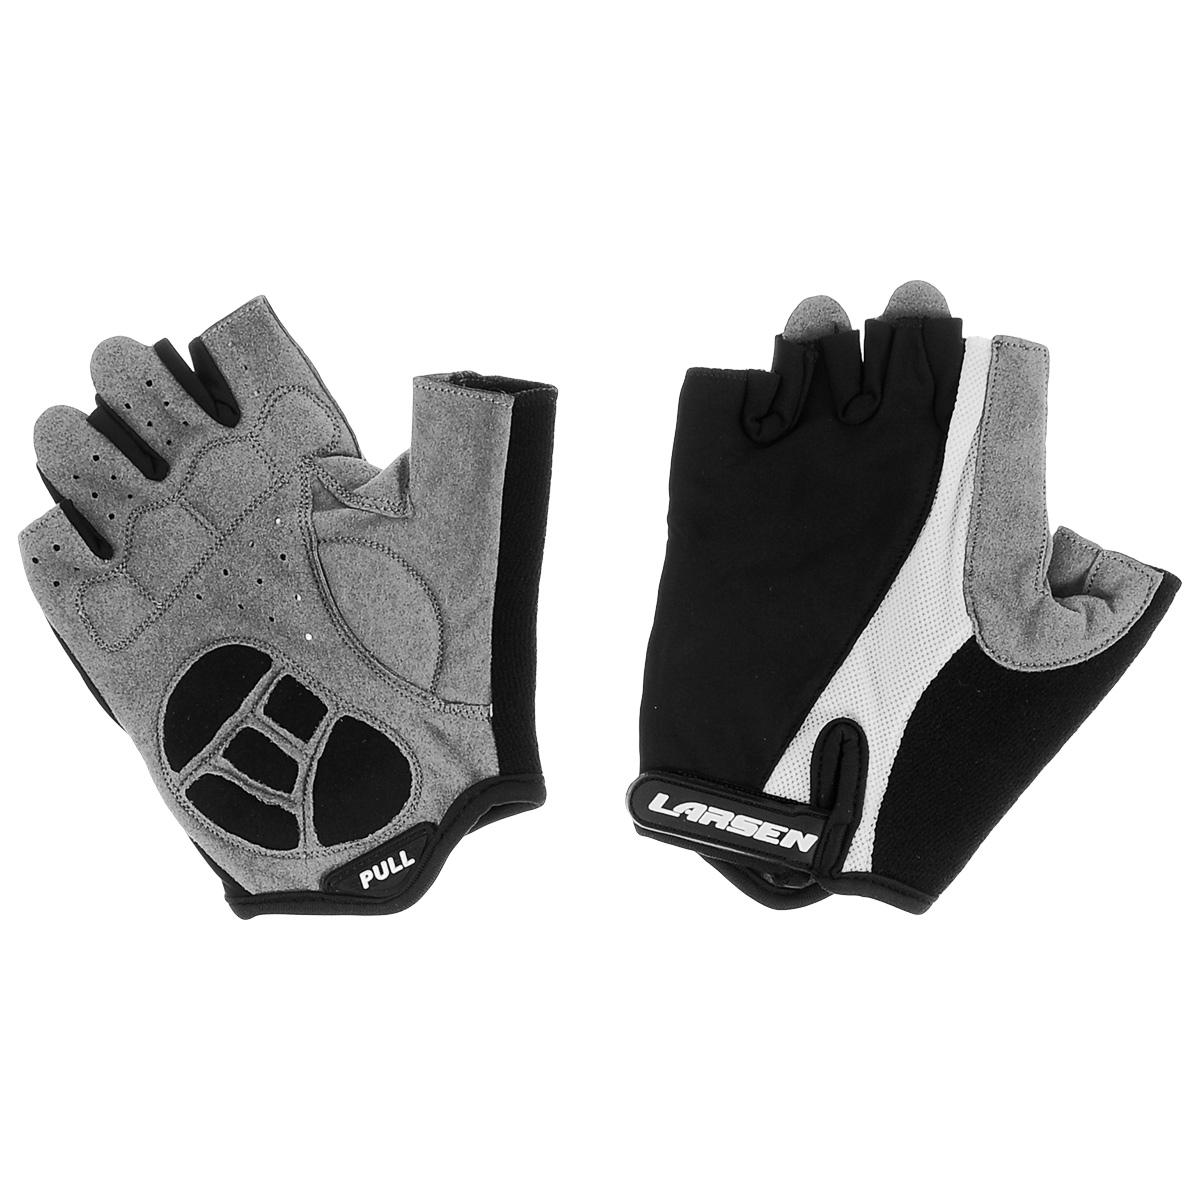 Велоперчатки Larsen, цвет: черный, серый, белый. Размер S. 01-122601-1226Велоперчатки Larsen выполнены из высококачественного нейлона и амары. На ладонях расположены мягкие вставки для повышенного сцепления и системой Pull Off на пальцах. Застежка Velcro надежно фиксирует перчатки на руке. Сетка способствует хорошей вентиляции.Гид по велоаксессуарам. Статья OZON Гид